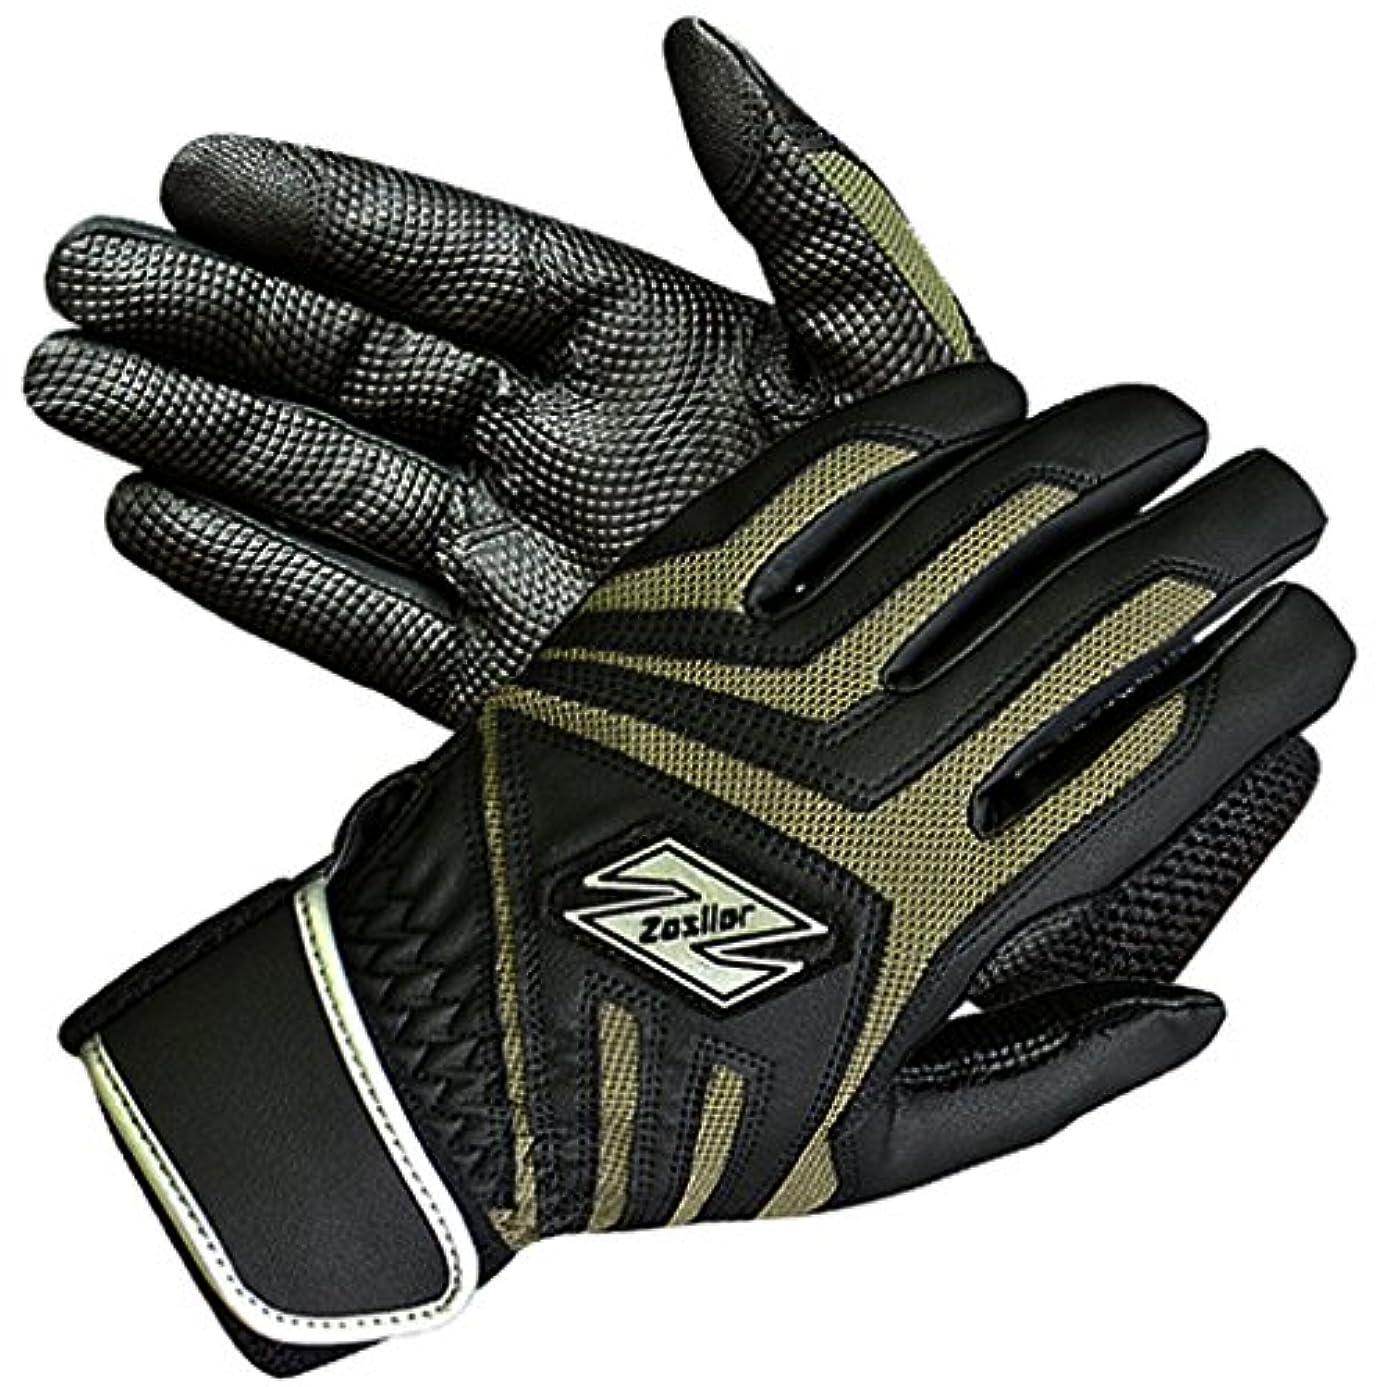 懐疑的完璧なシエスタZasller(ザスラー) スマホ対応手袋 高耐久 エンボス 合成皮革グローブ ZFG-55